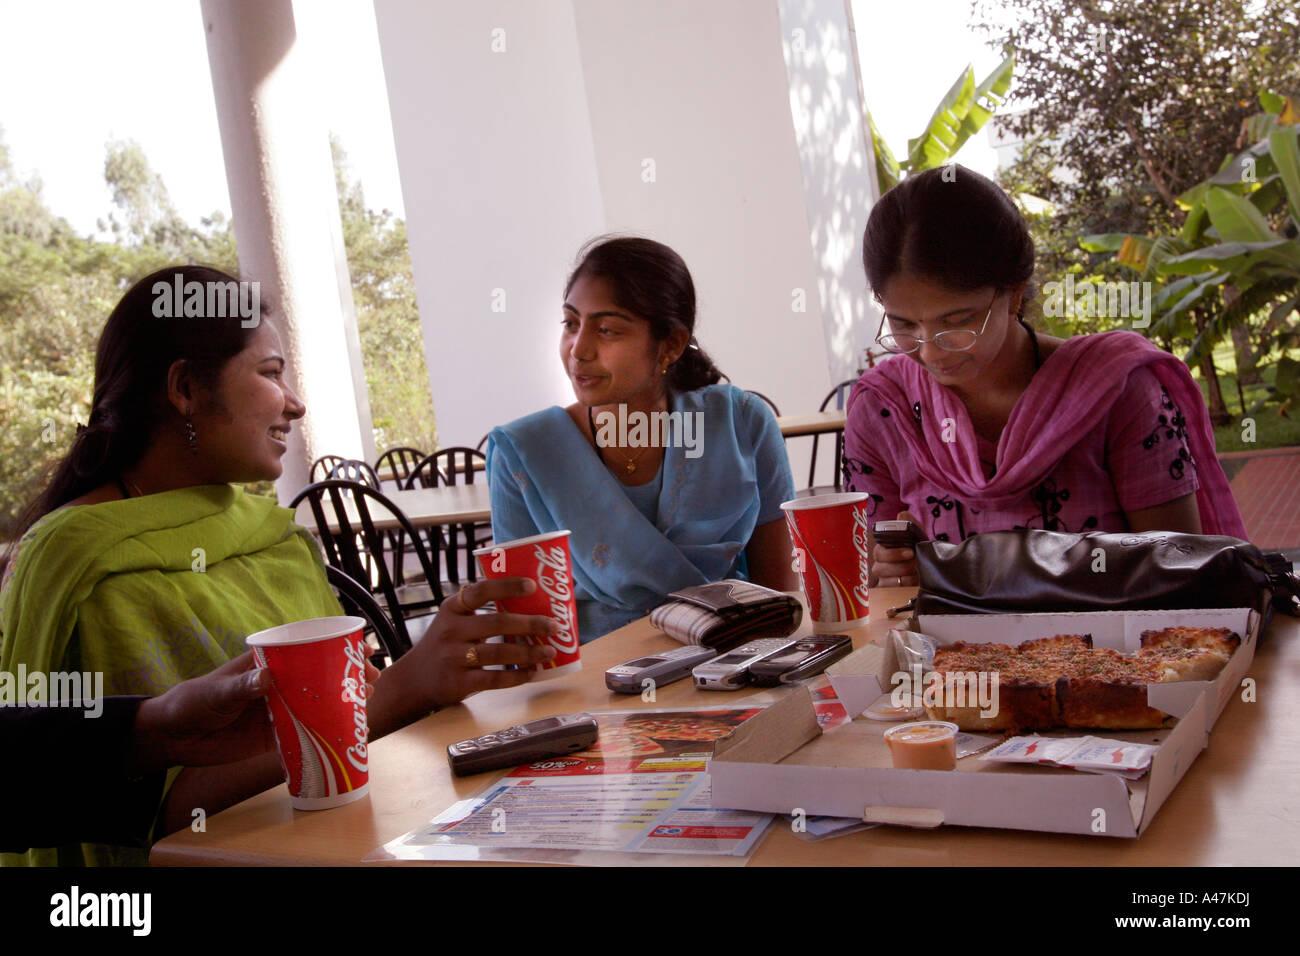 Junge indische Frauen, die Arbeiten in der IT-Branche für Infosys westlichen Fast-Food, während eines Mittagessens isst brechen in Bangalore in Indien Stockfoto